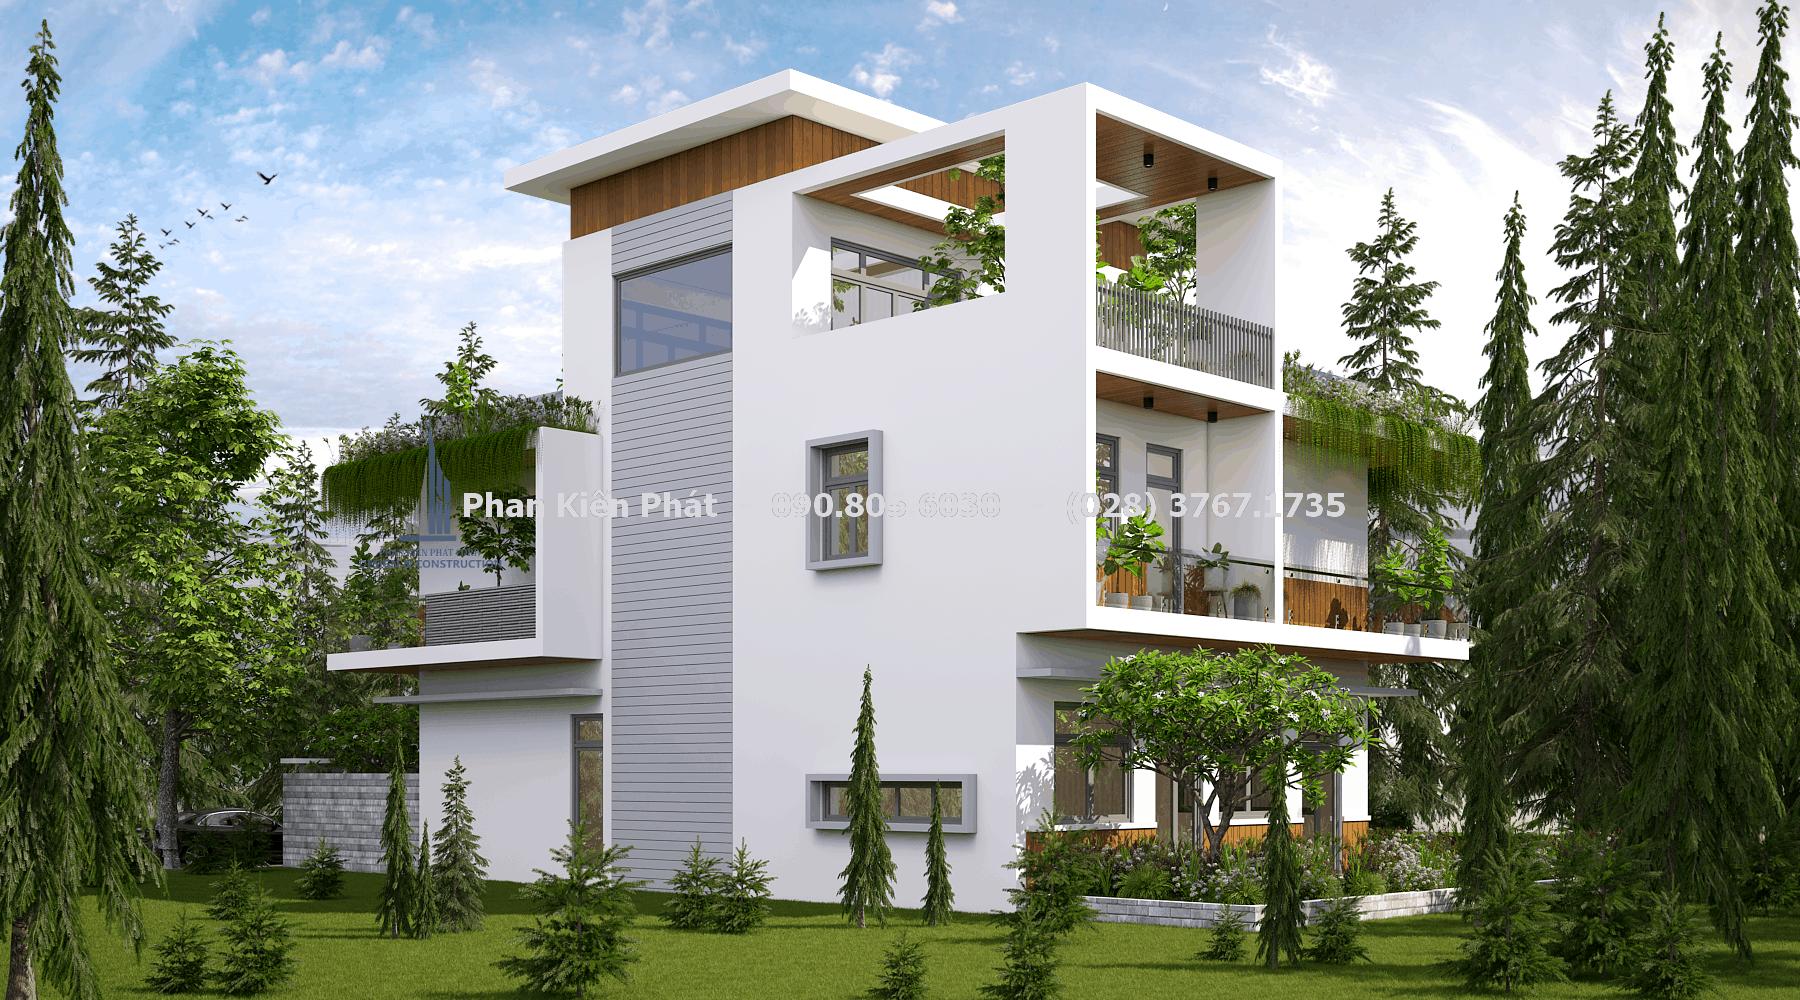 Thiết kế kiến trúc nhà phố 3 tầng phong cách hiện đại thoáng mát